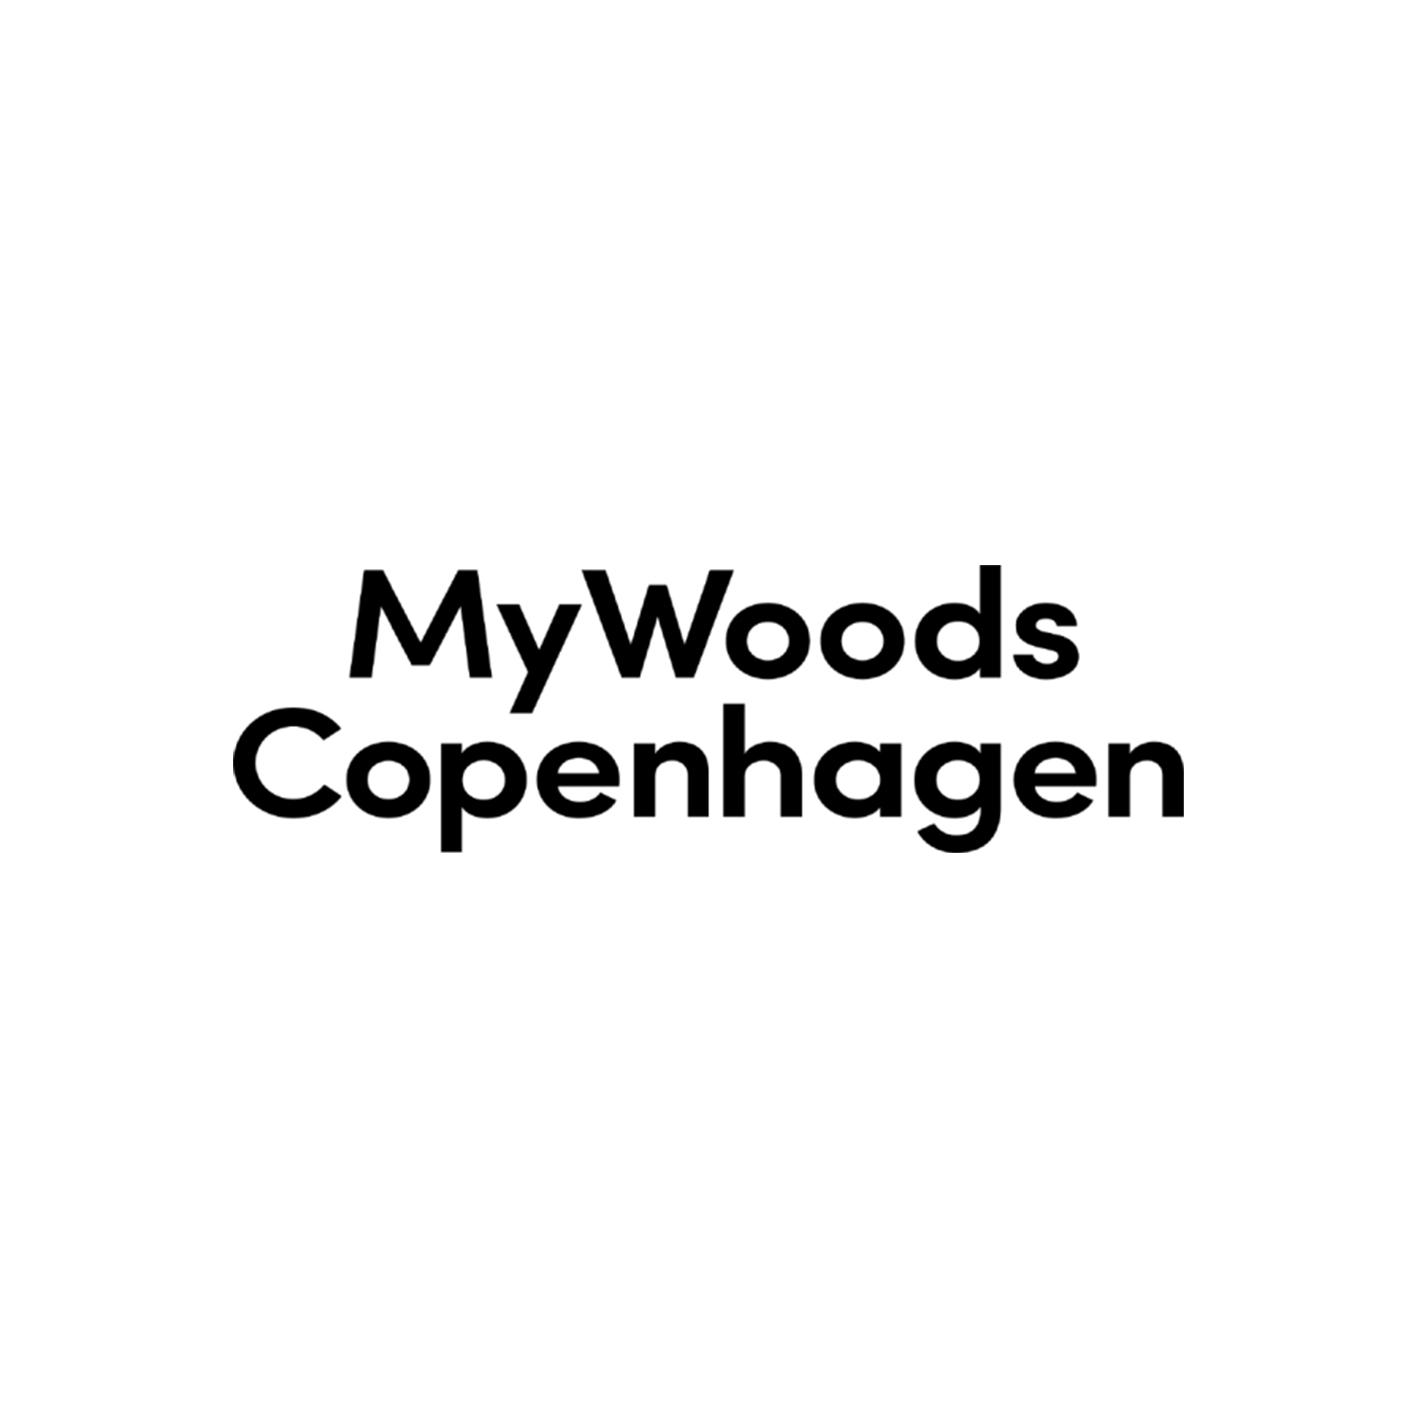 My woods copenhagen logo